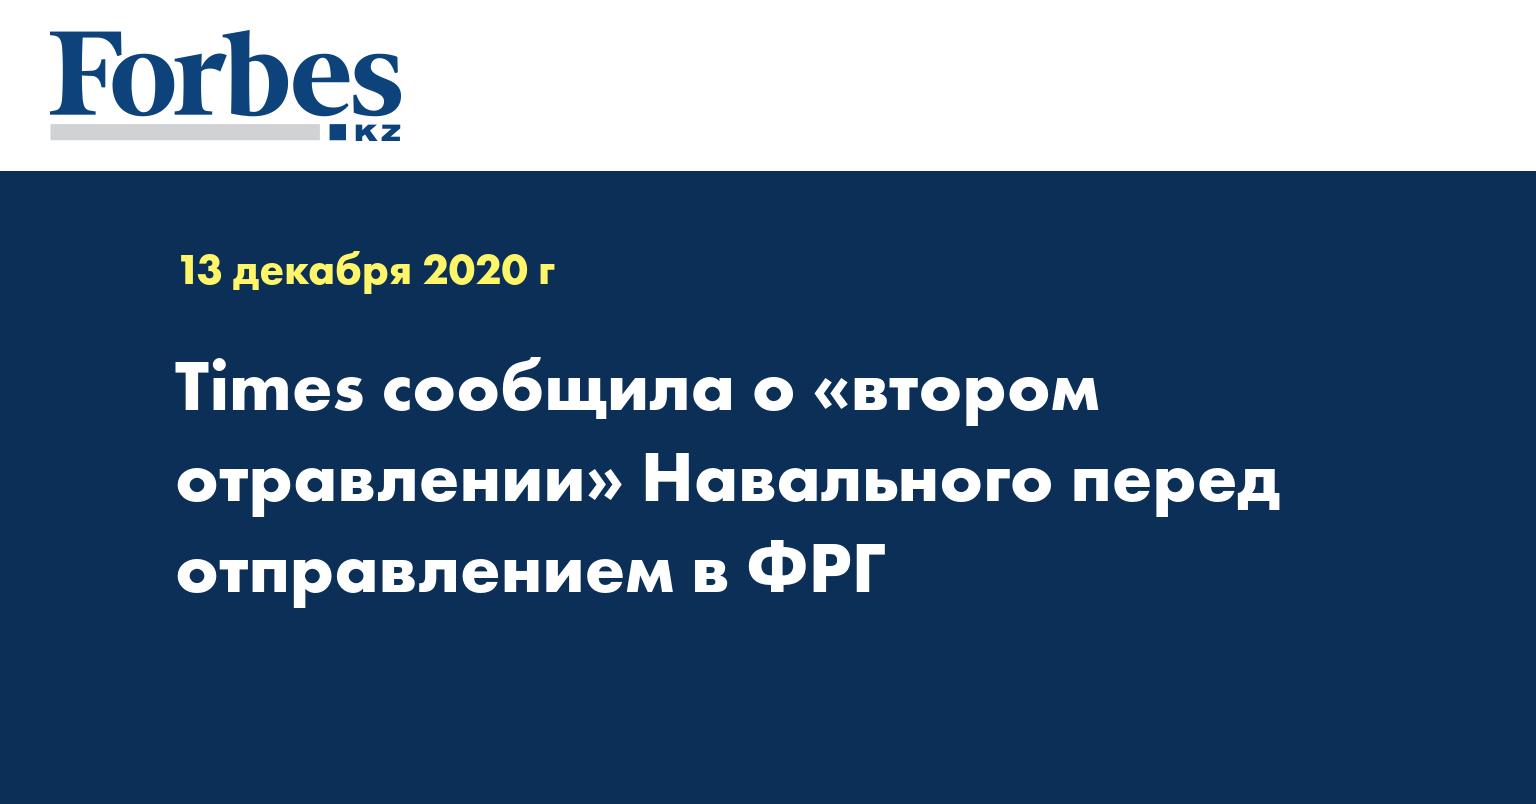 Times сообщила о «втором отравлении» Навального перед отправлением в ФРГ